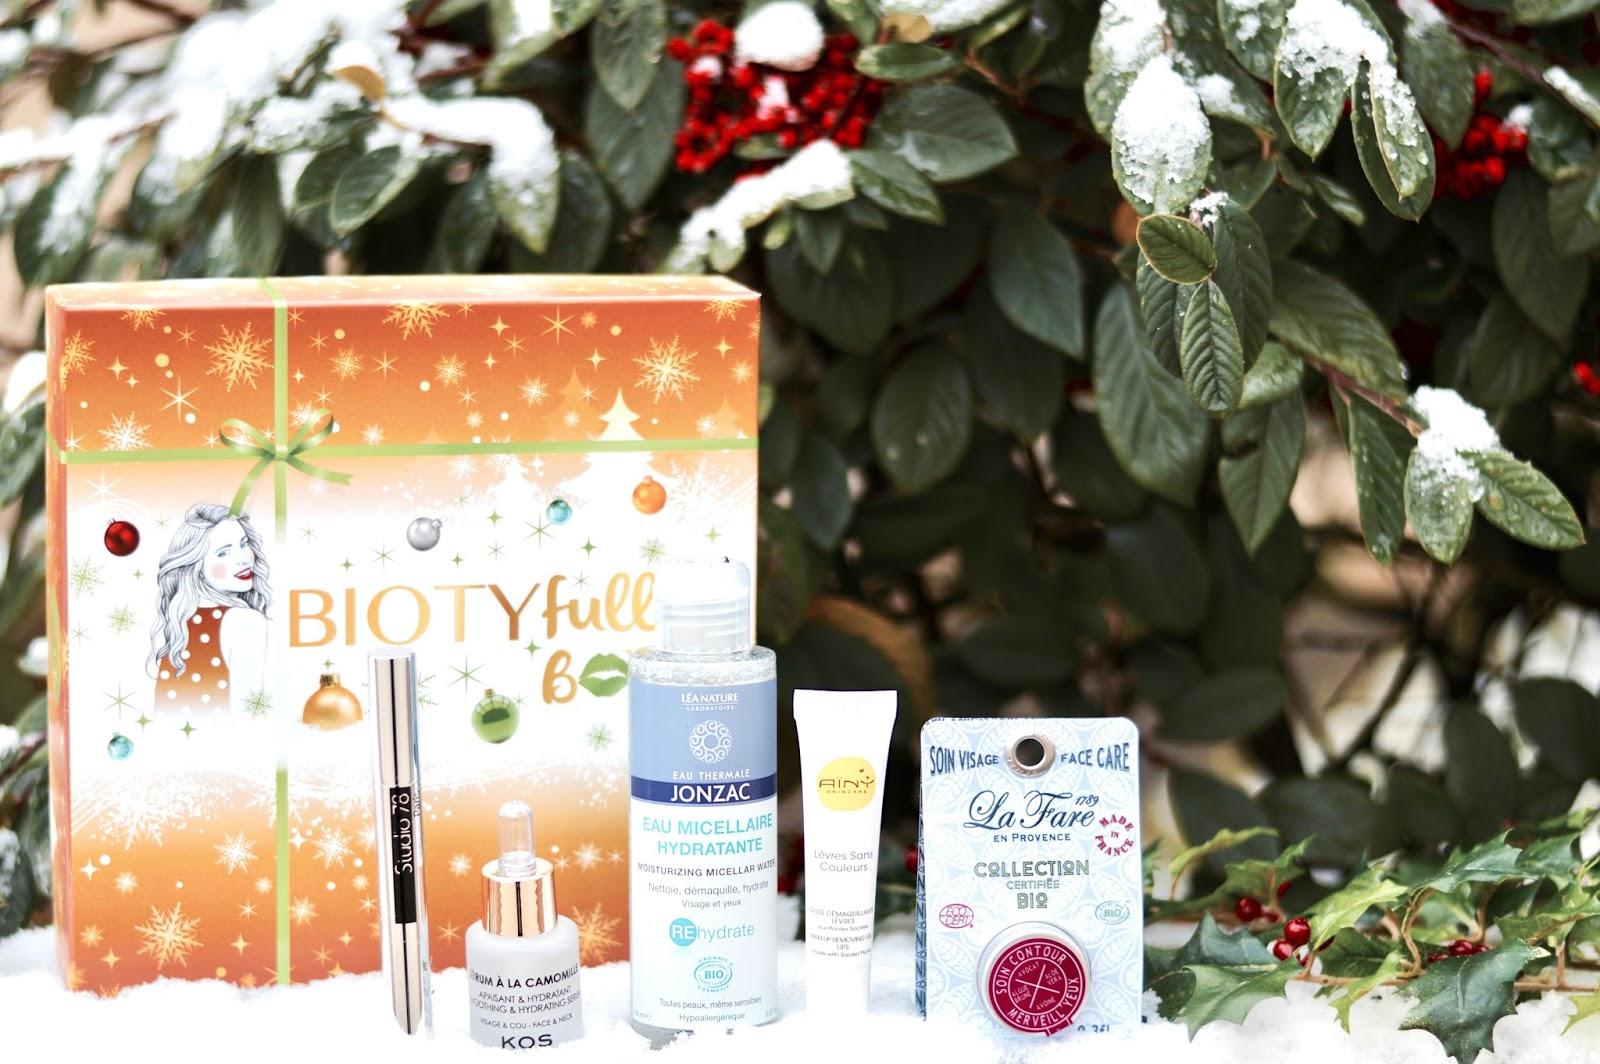 Biotyfull box, box beauté bio, cosmetique bio,, edition décembre La Merveilleuse de Noël